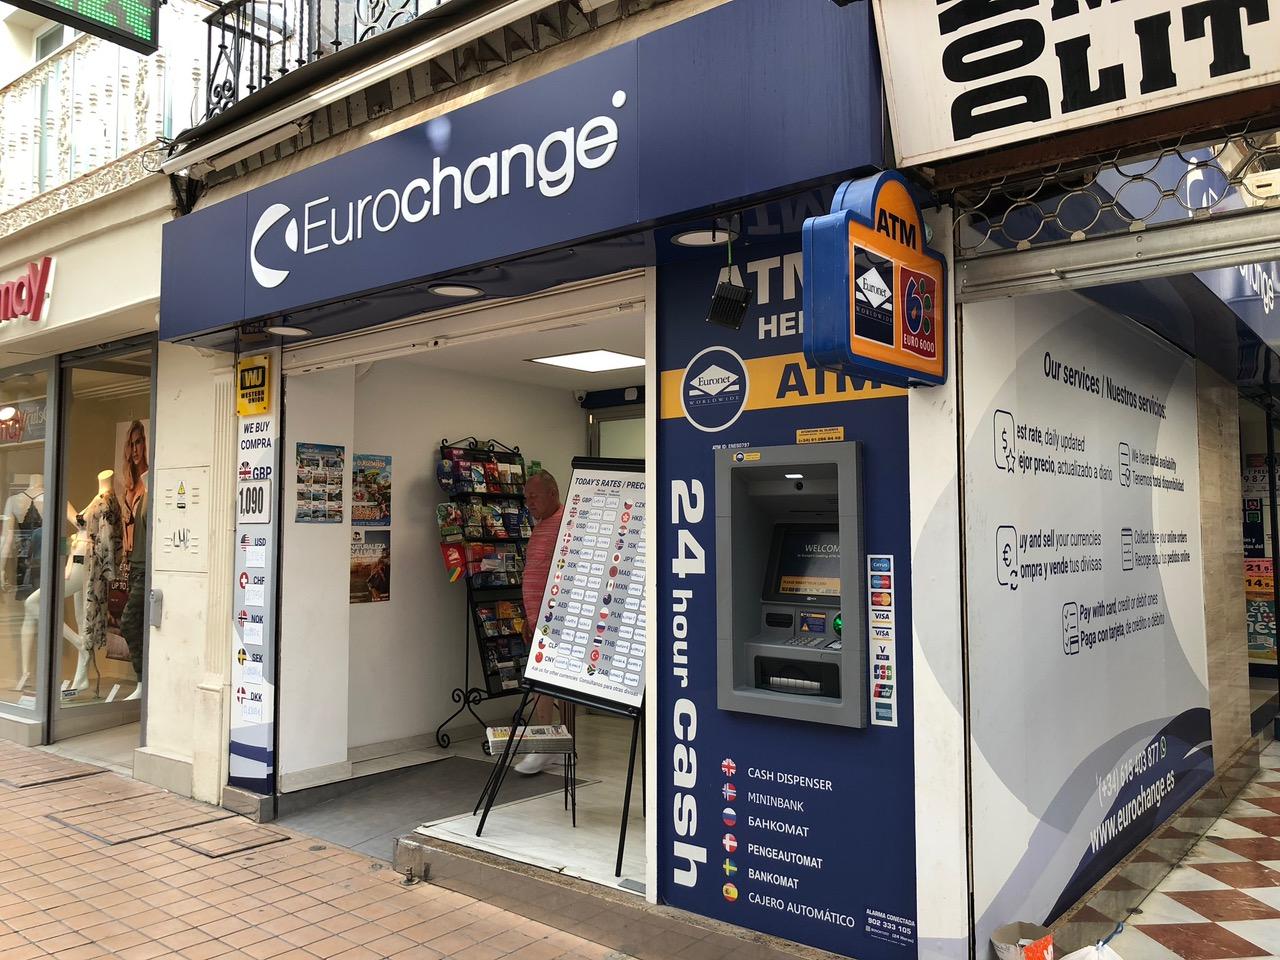 Eurobienes Eurochange